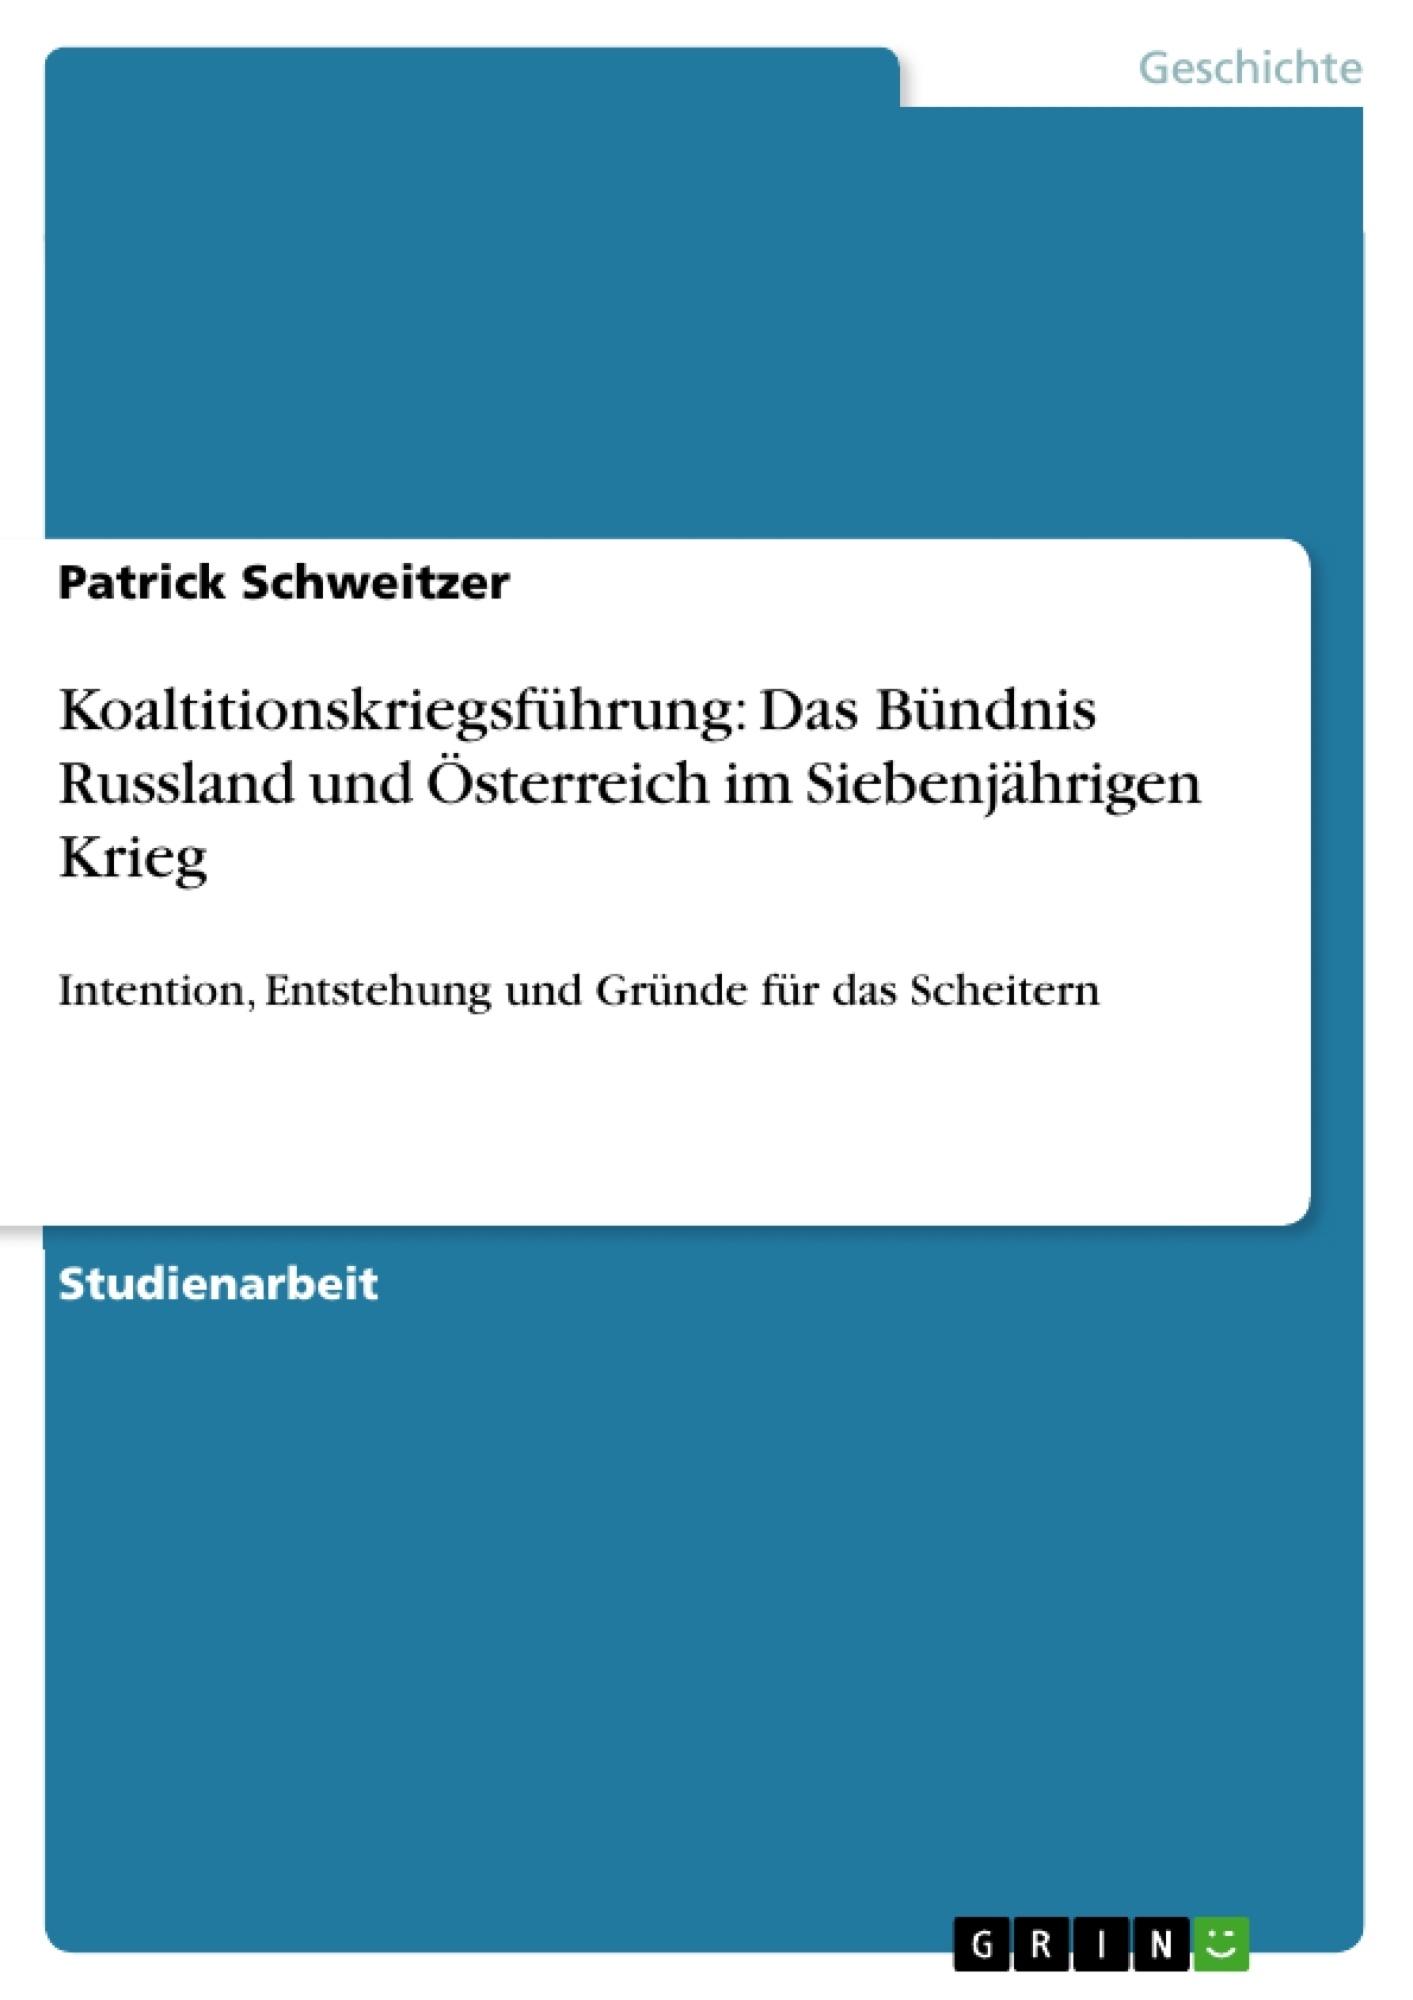 Titel: Koaltitionskriegsführung: Das Bündnis Russland und Österreich im Siebenjährigen Krieg